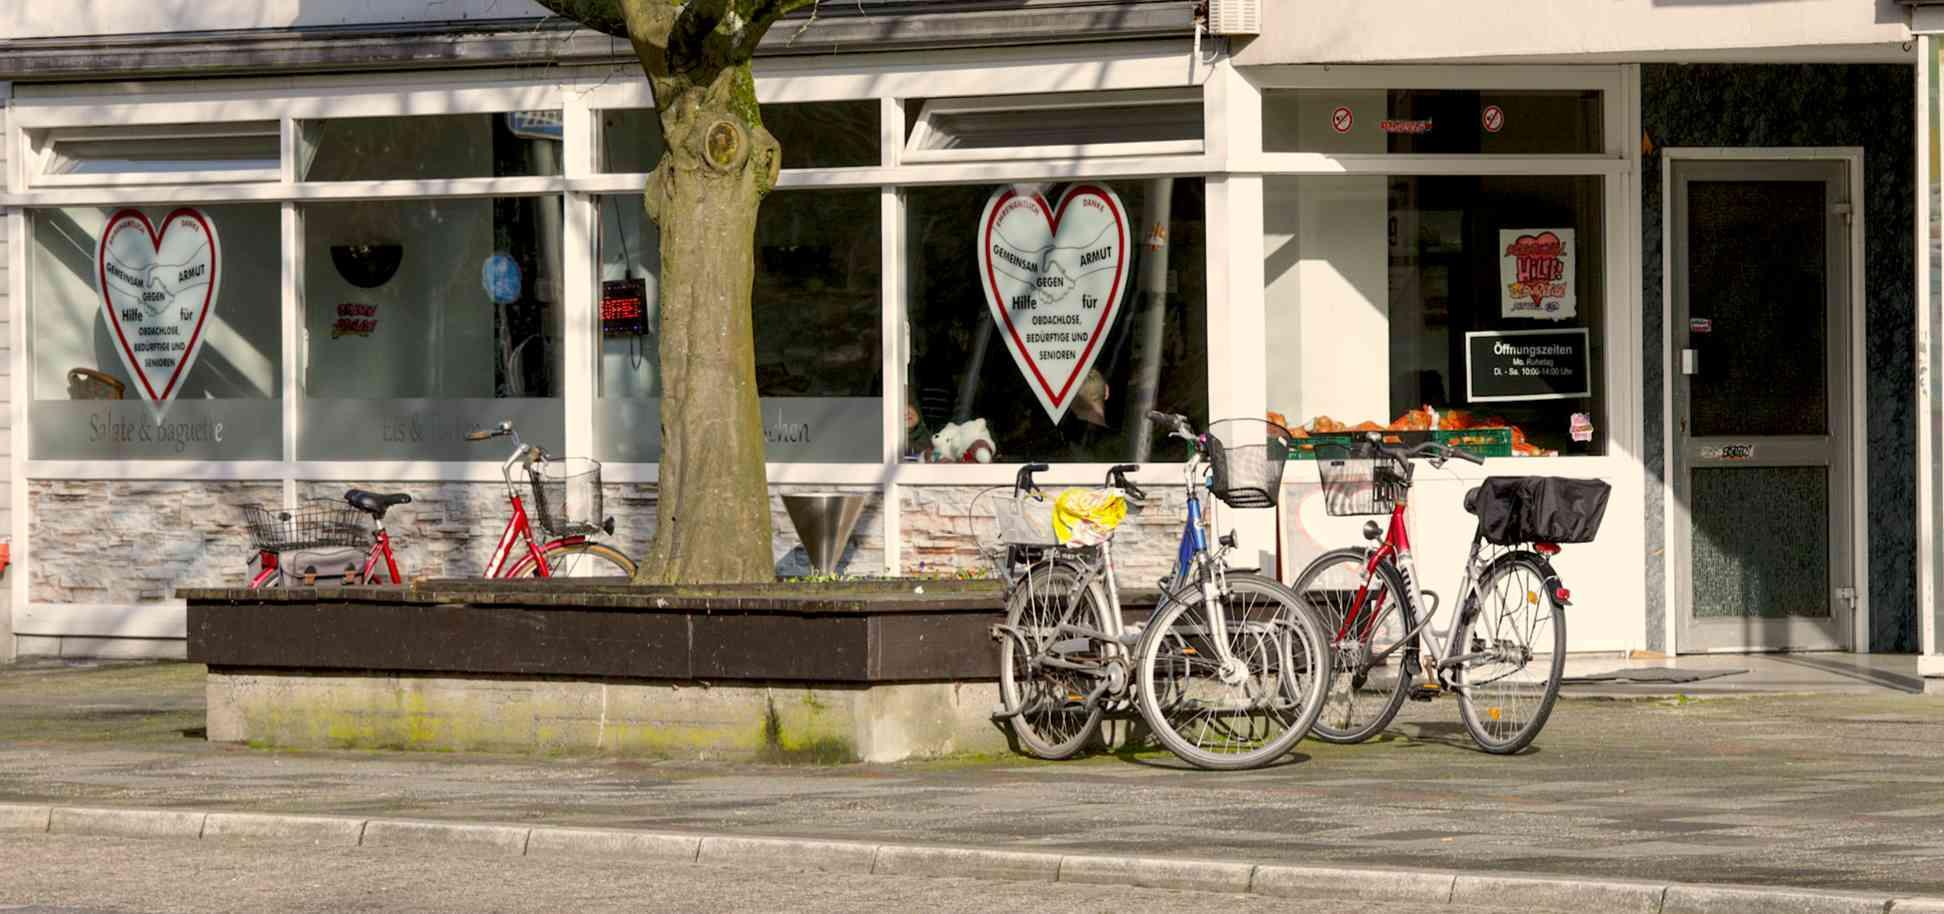 Obdachlosenhilfe Wilhelmshaven e.V. i.G